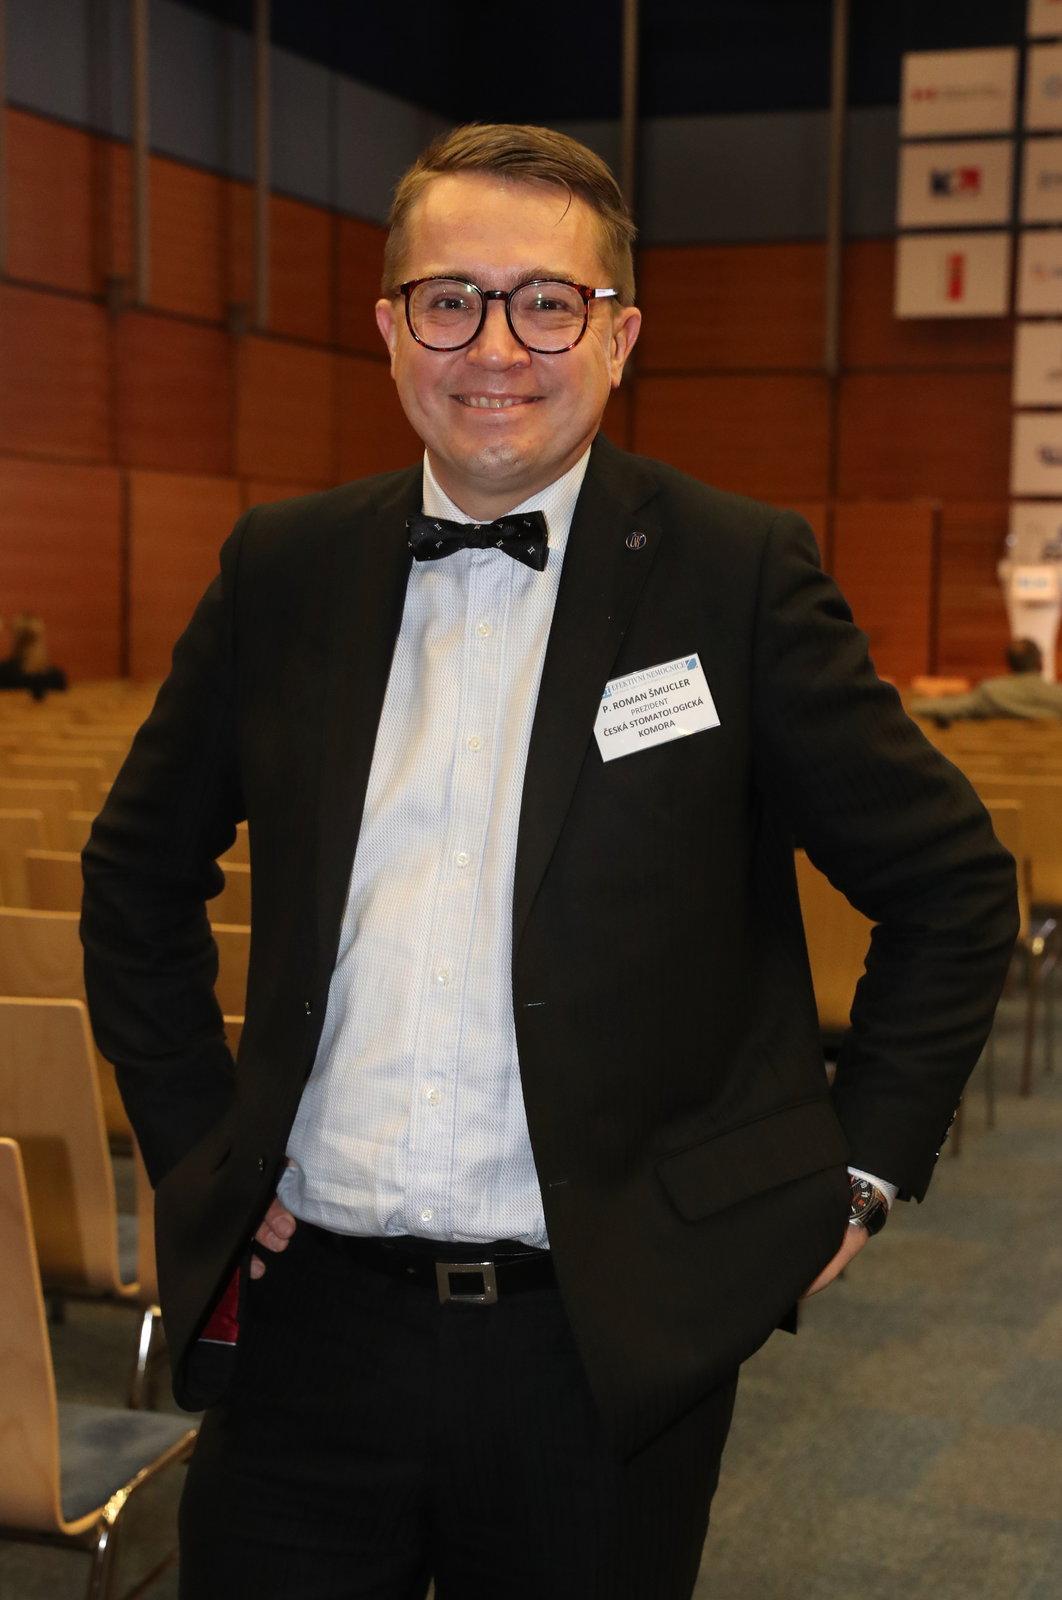 Roman Šmucler, stomatochirurg, moderátor, vysokoškolský pedagog, podnikatel